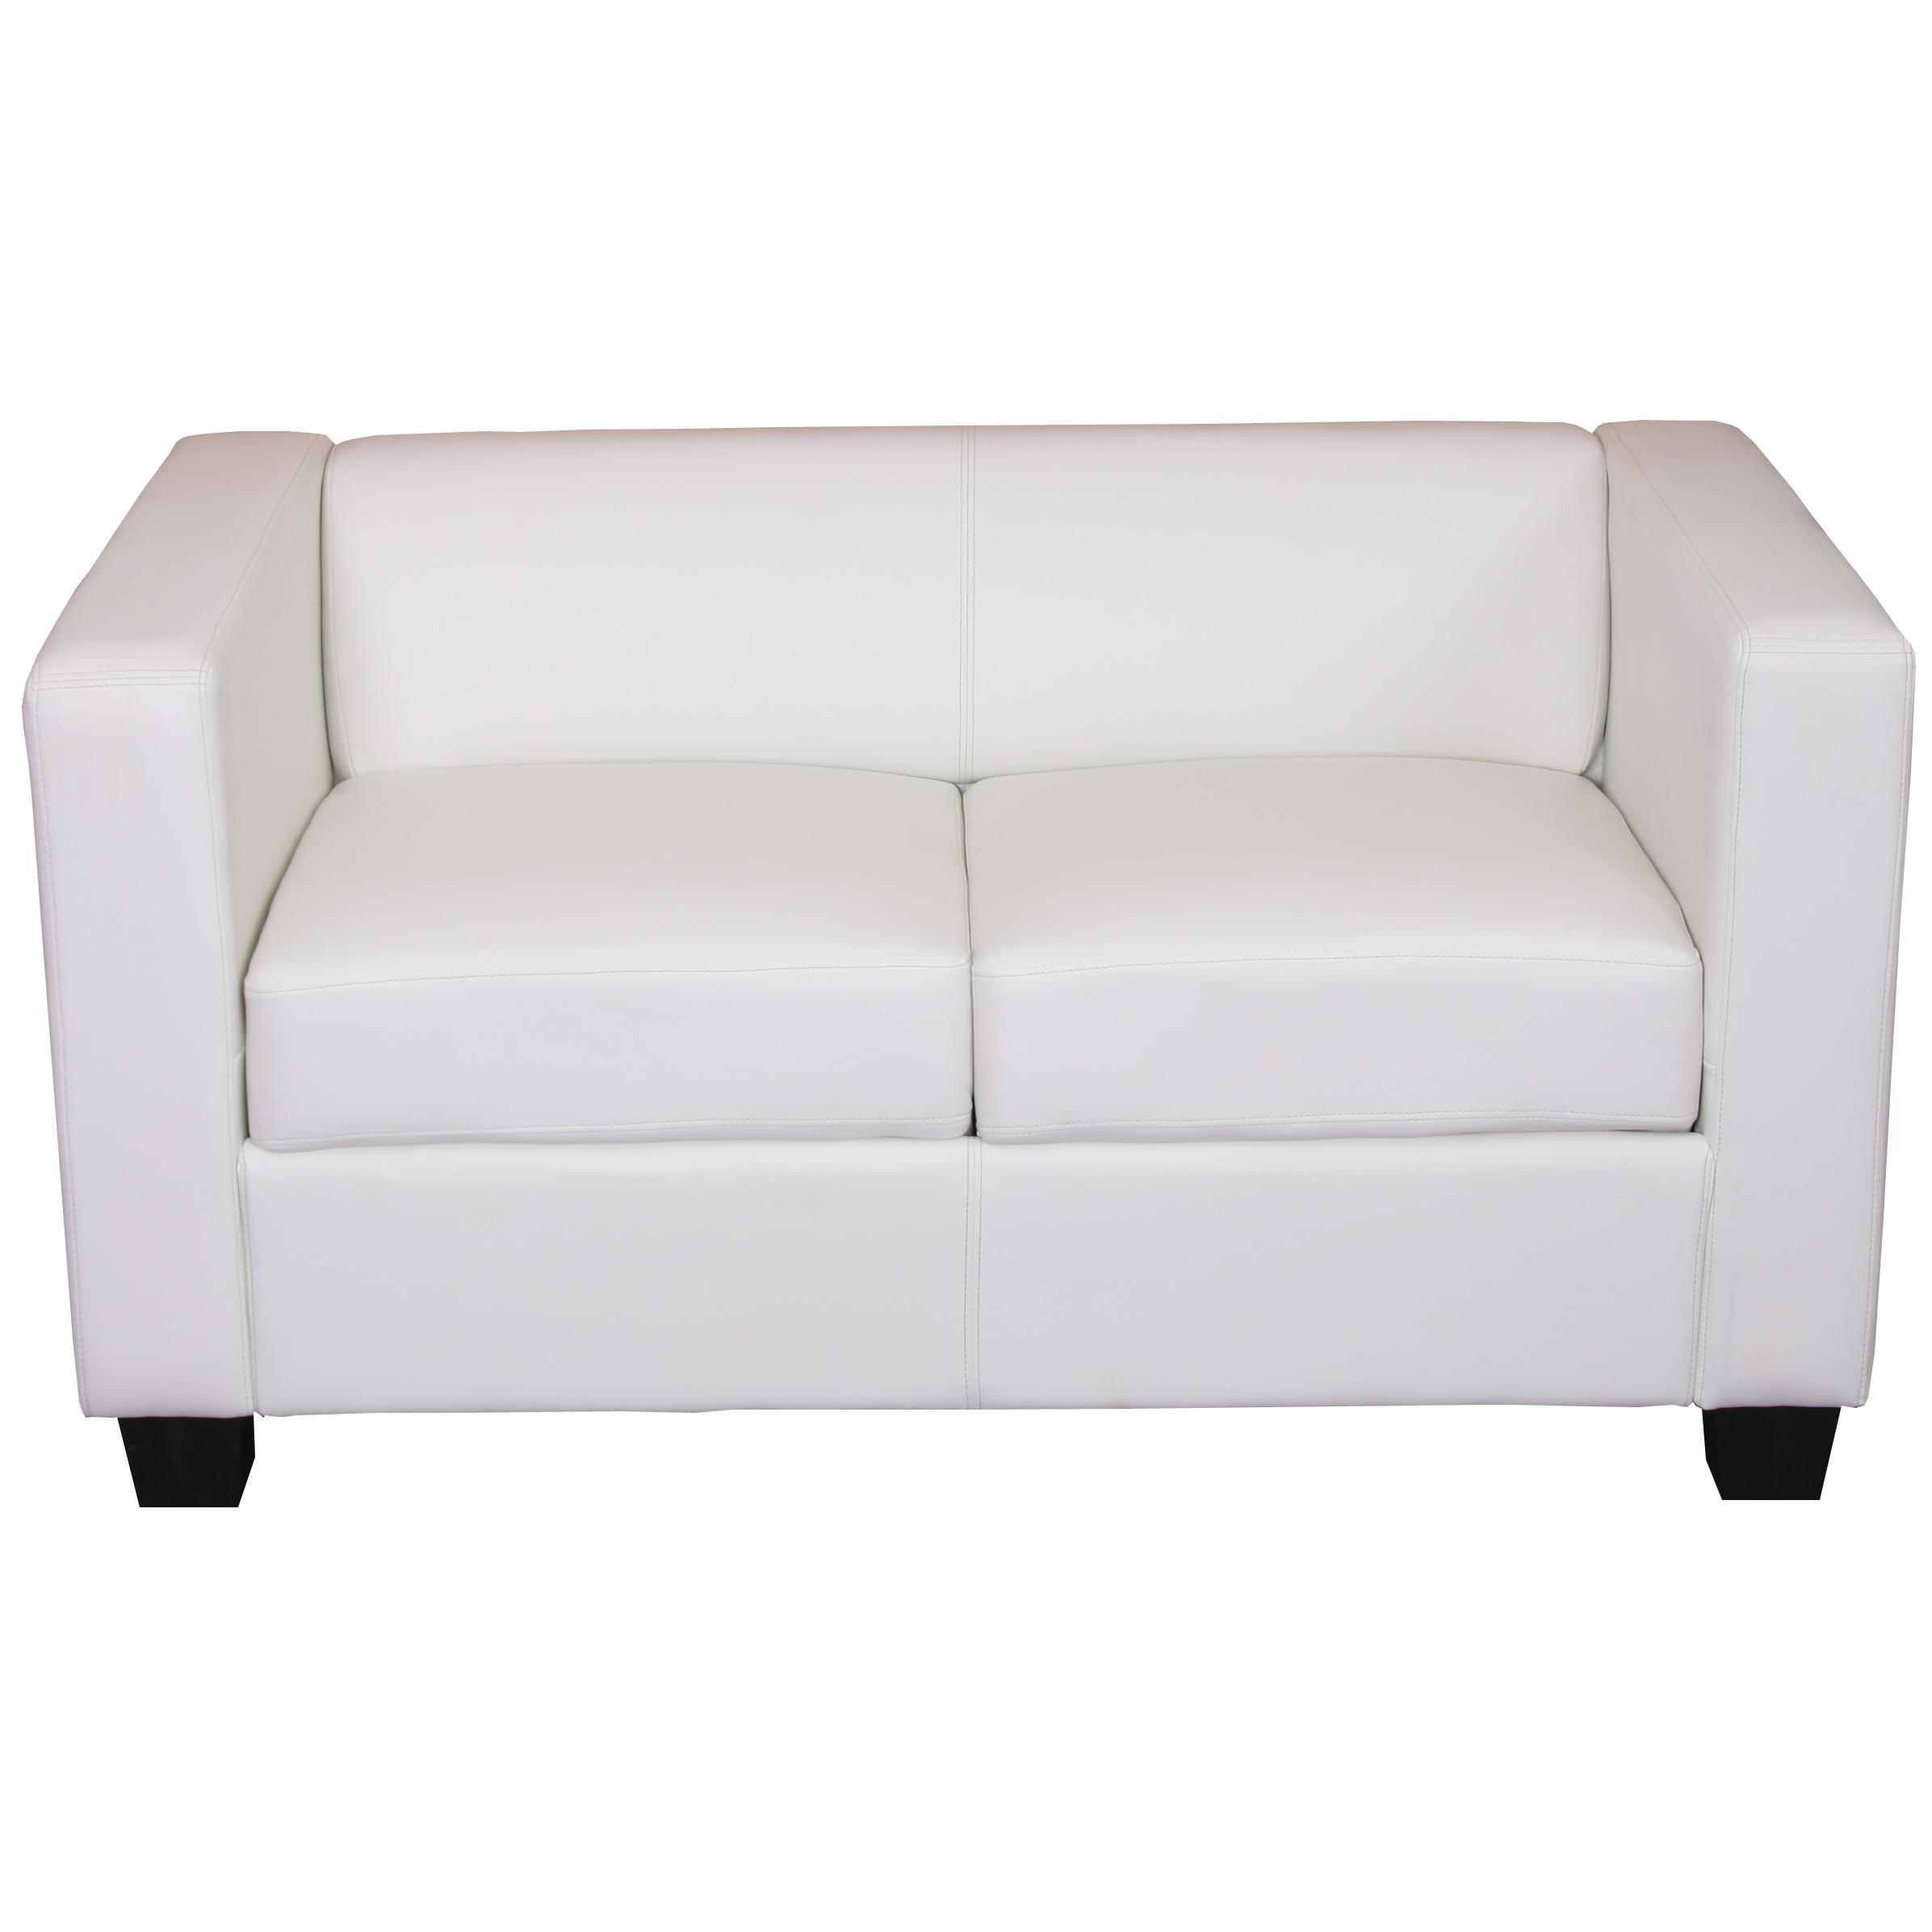 Sof 2 plazas basilio muy c modo en piel color blanco for Sofa gran confort precios